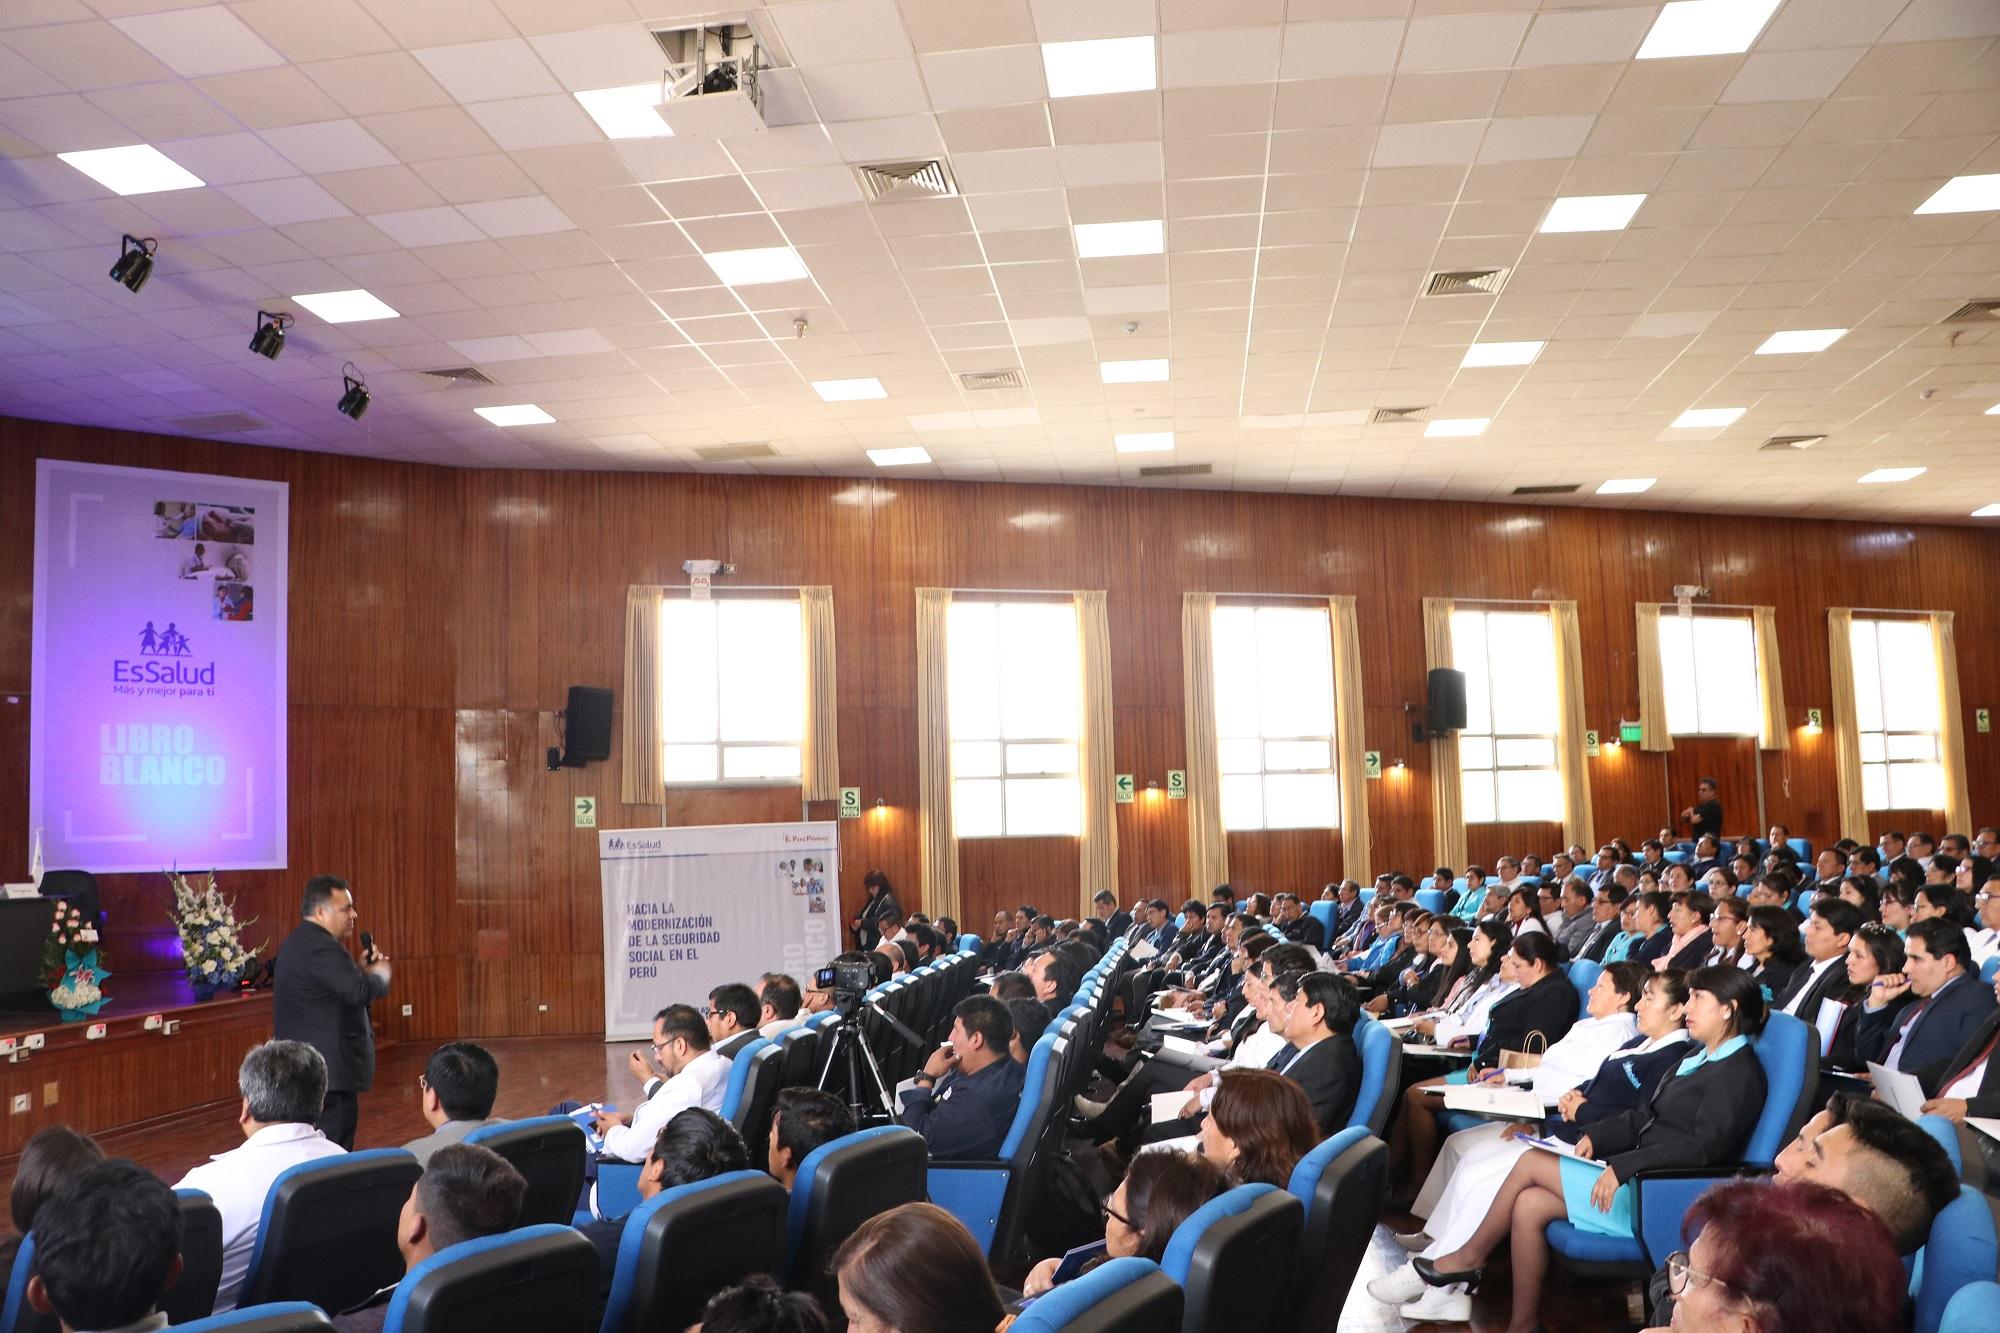 Essalud - EsSalud Junín presentó el Libro Blanco, en la ciudad de Huancayo